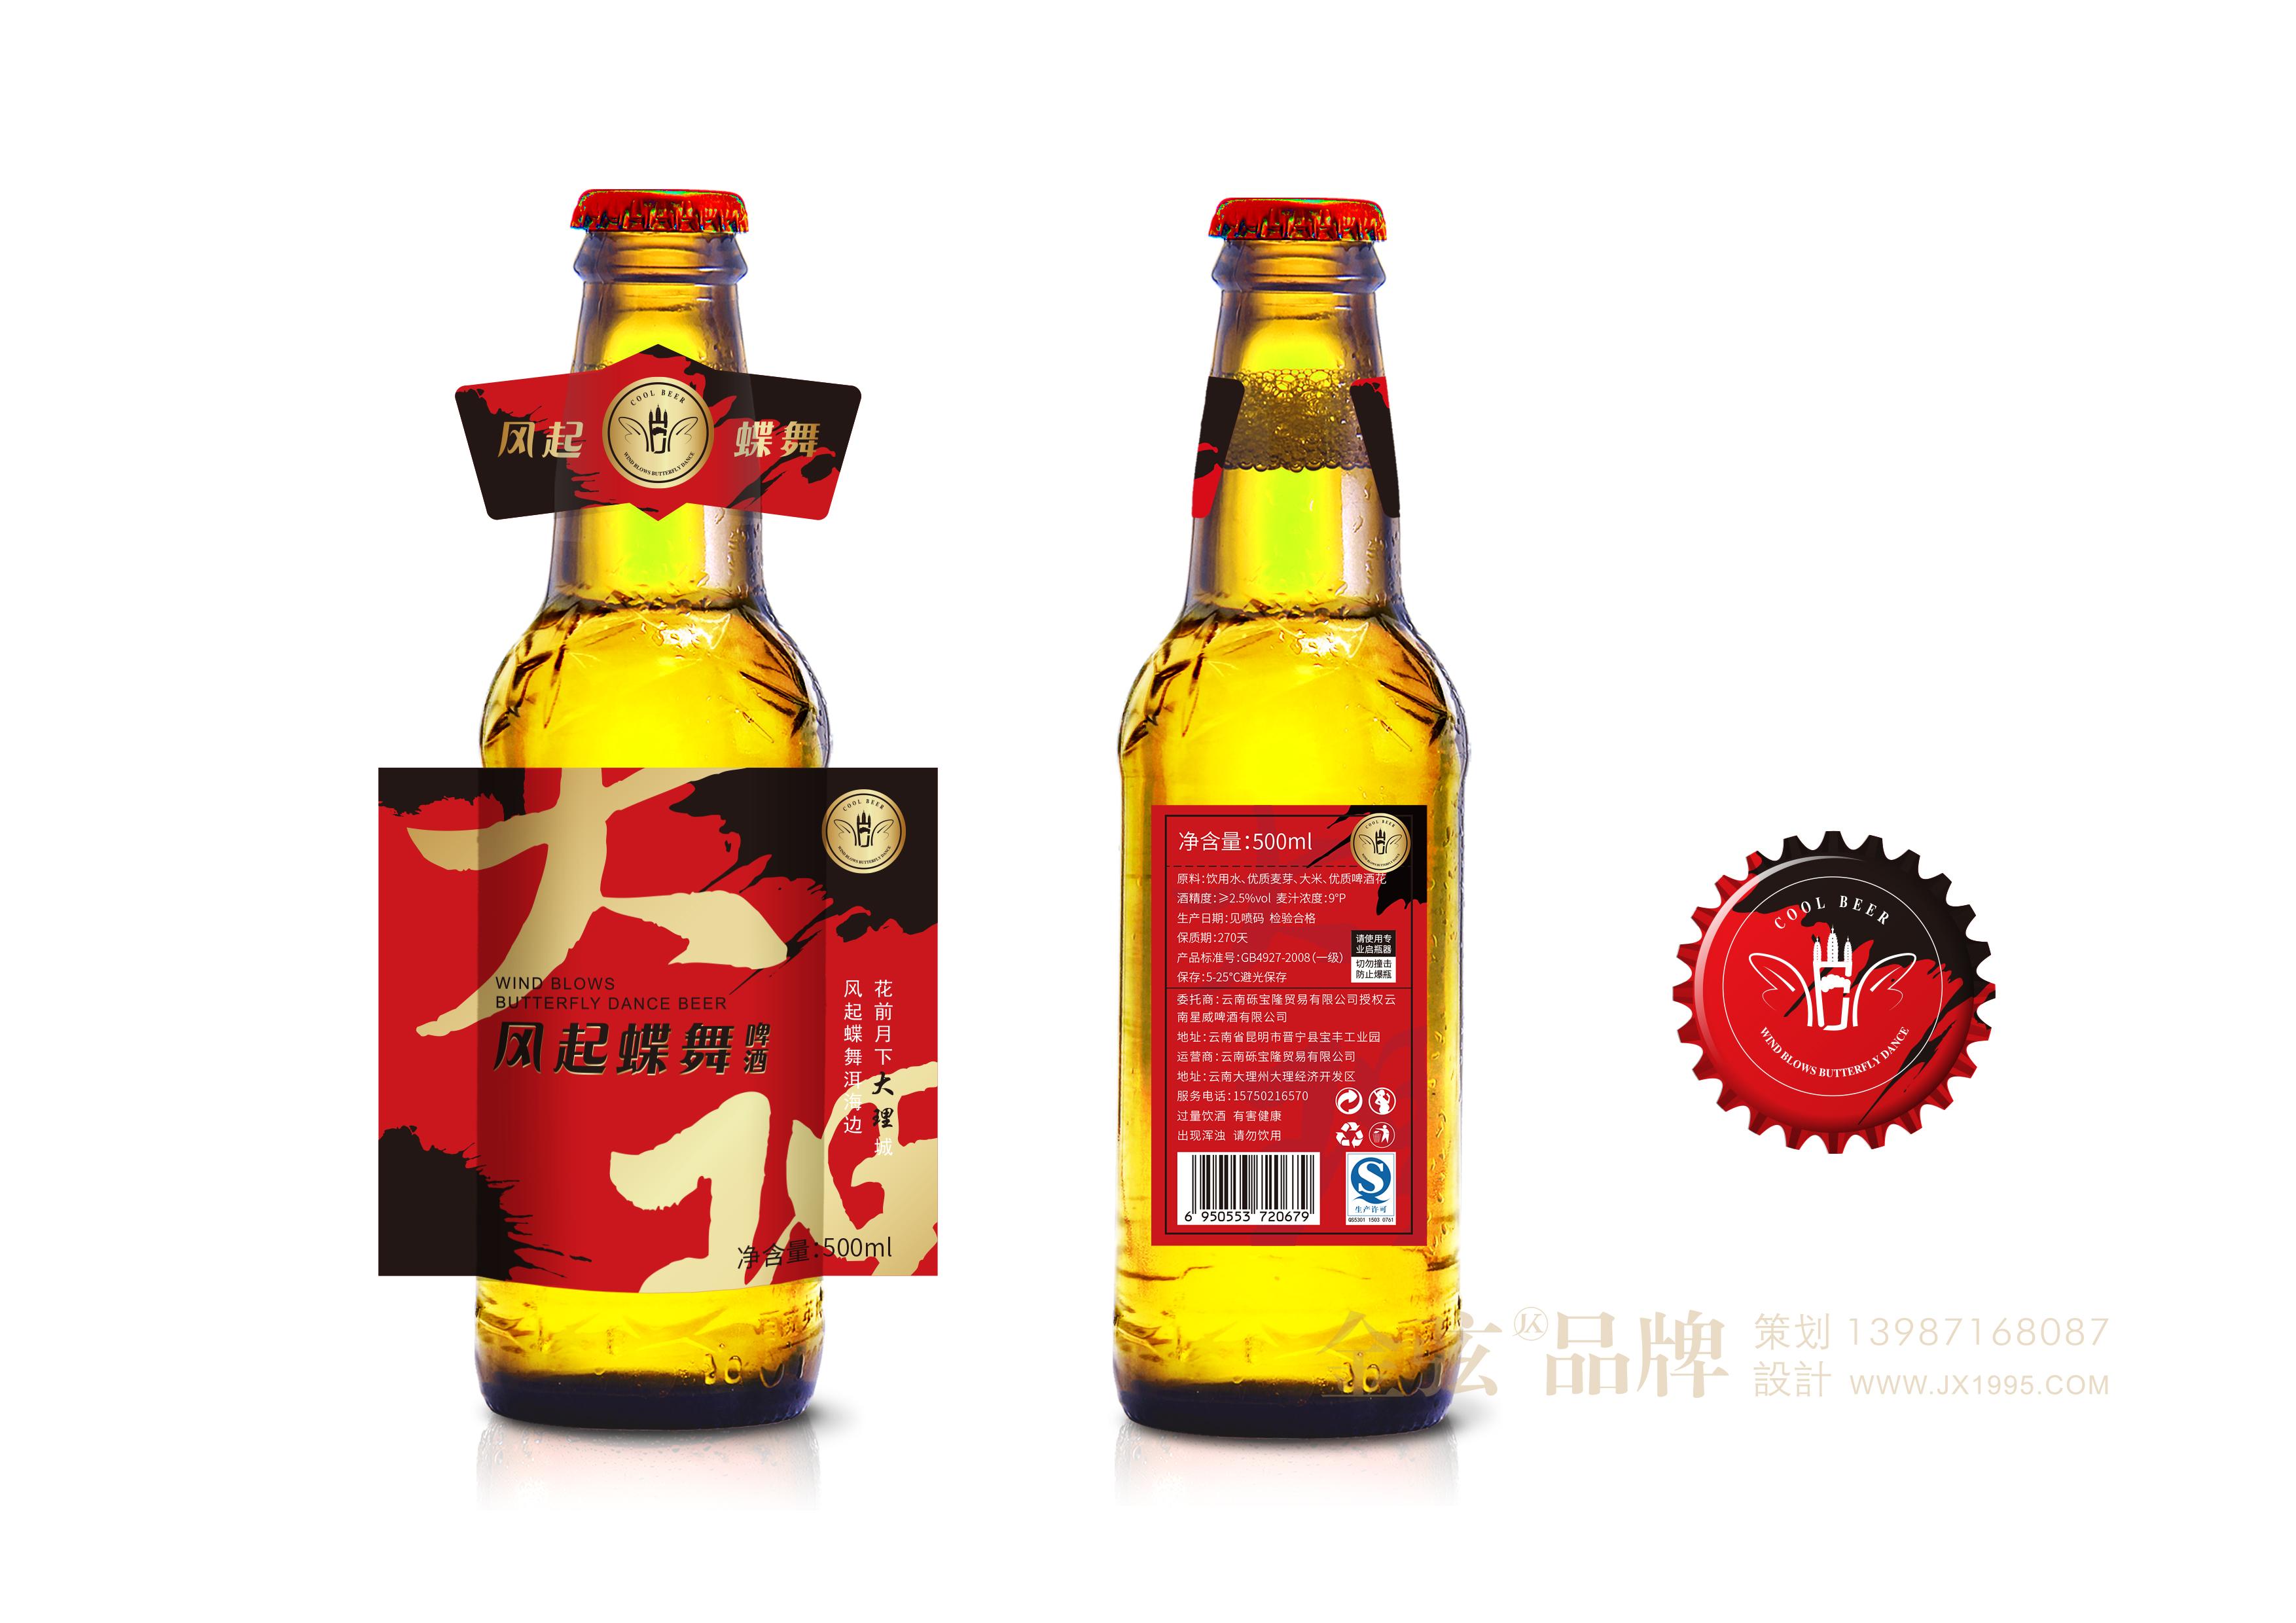 风起蝶舞啤酒包装设计 包装设计 客户资料  第1张